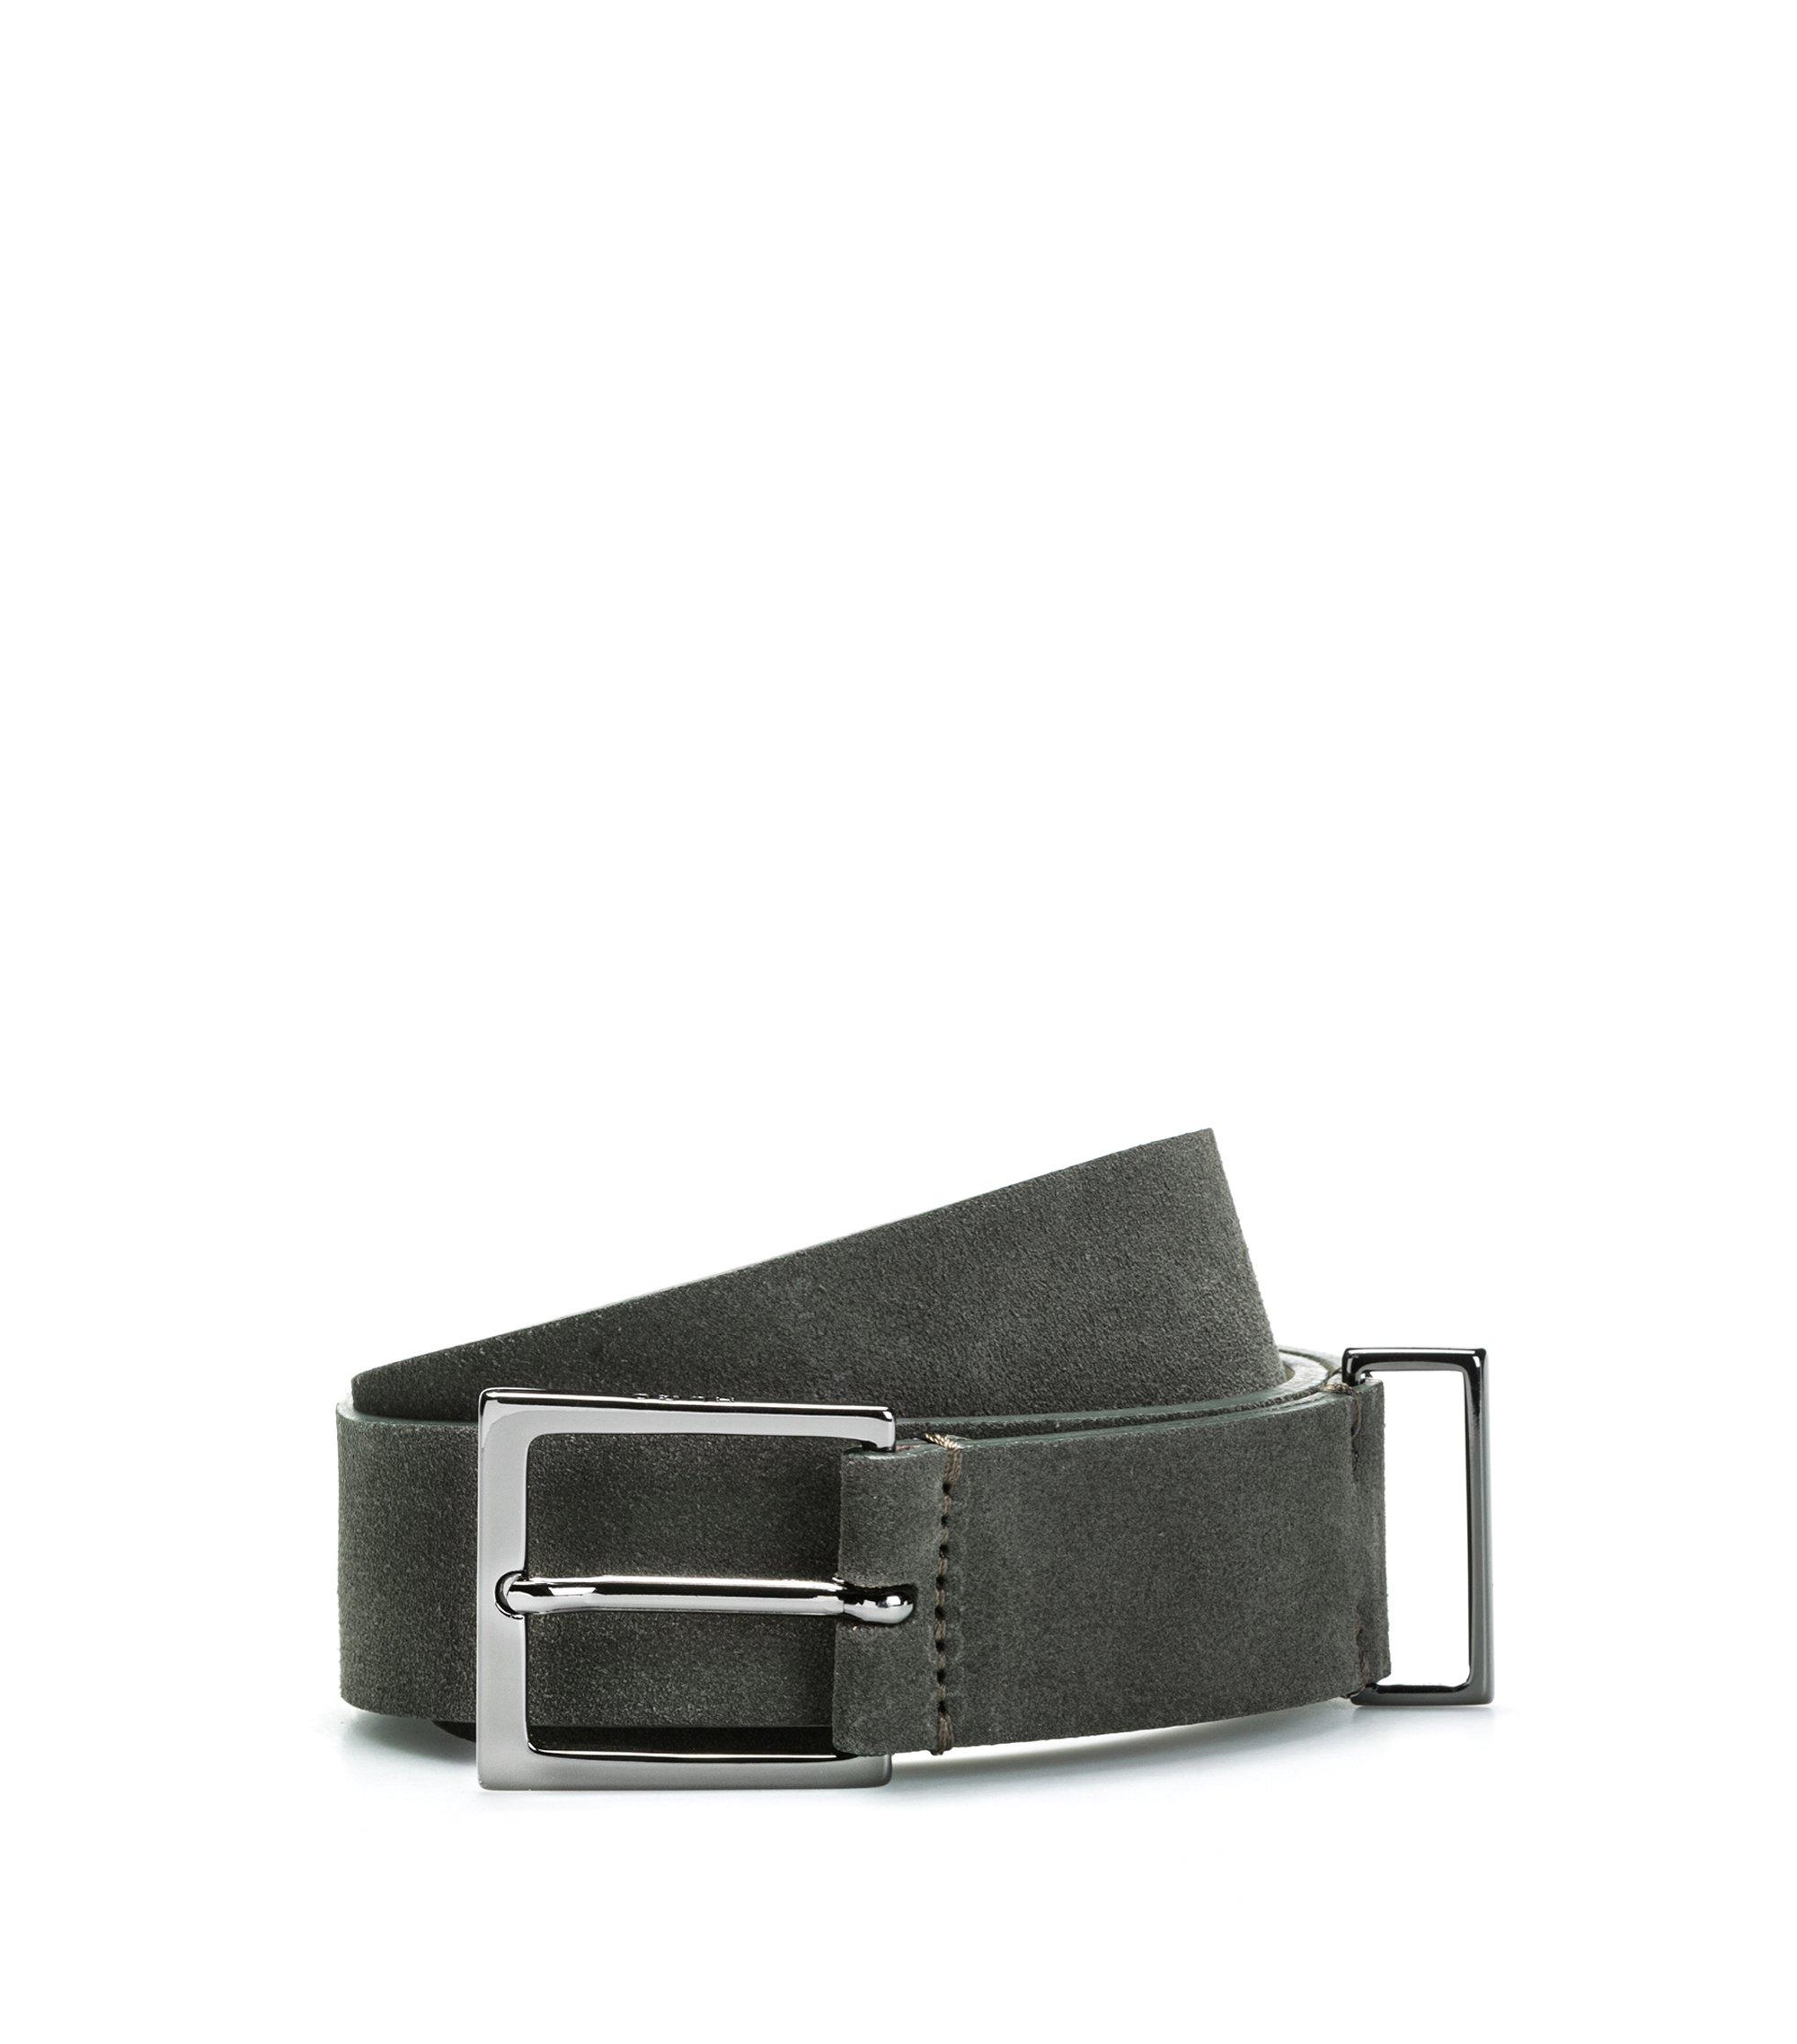 Cintura in pelle scamosciata con finiture lucide in metallo color canna di fucile, Verde scuro